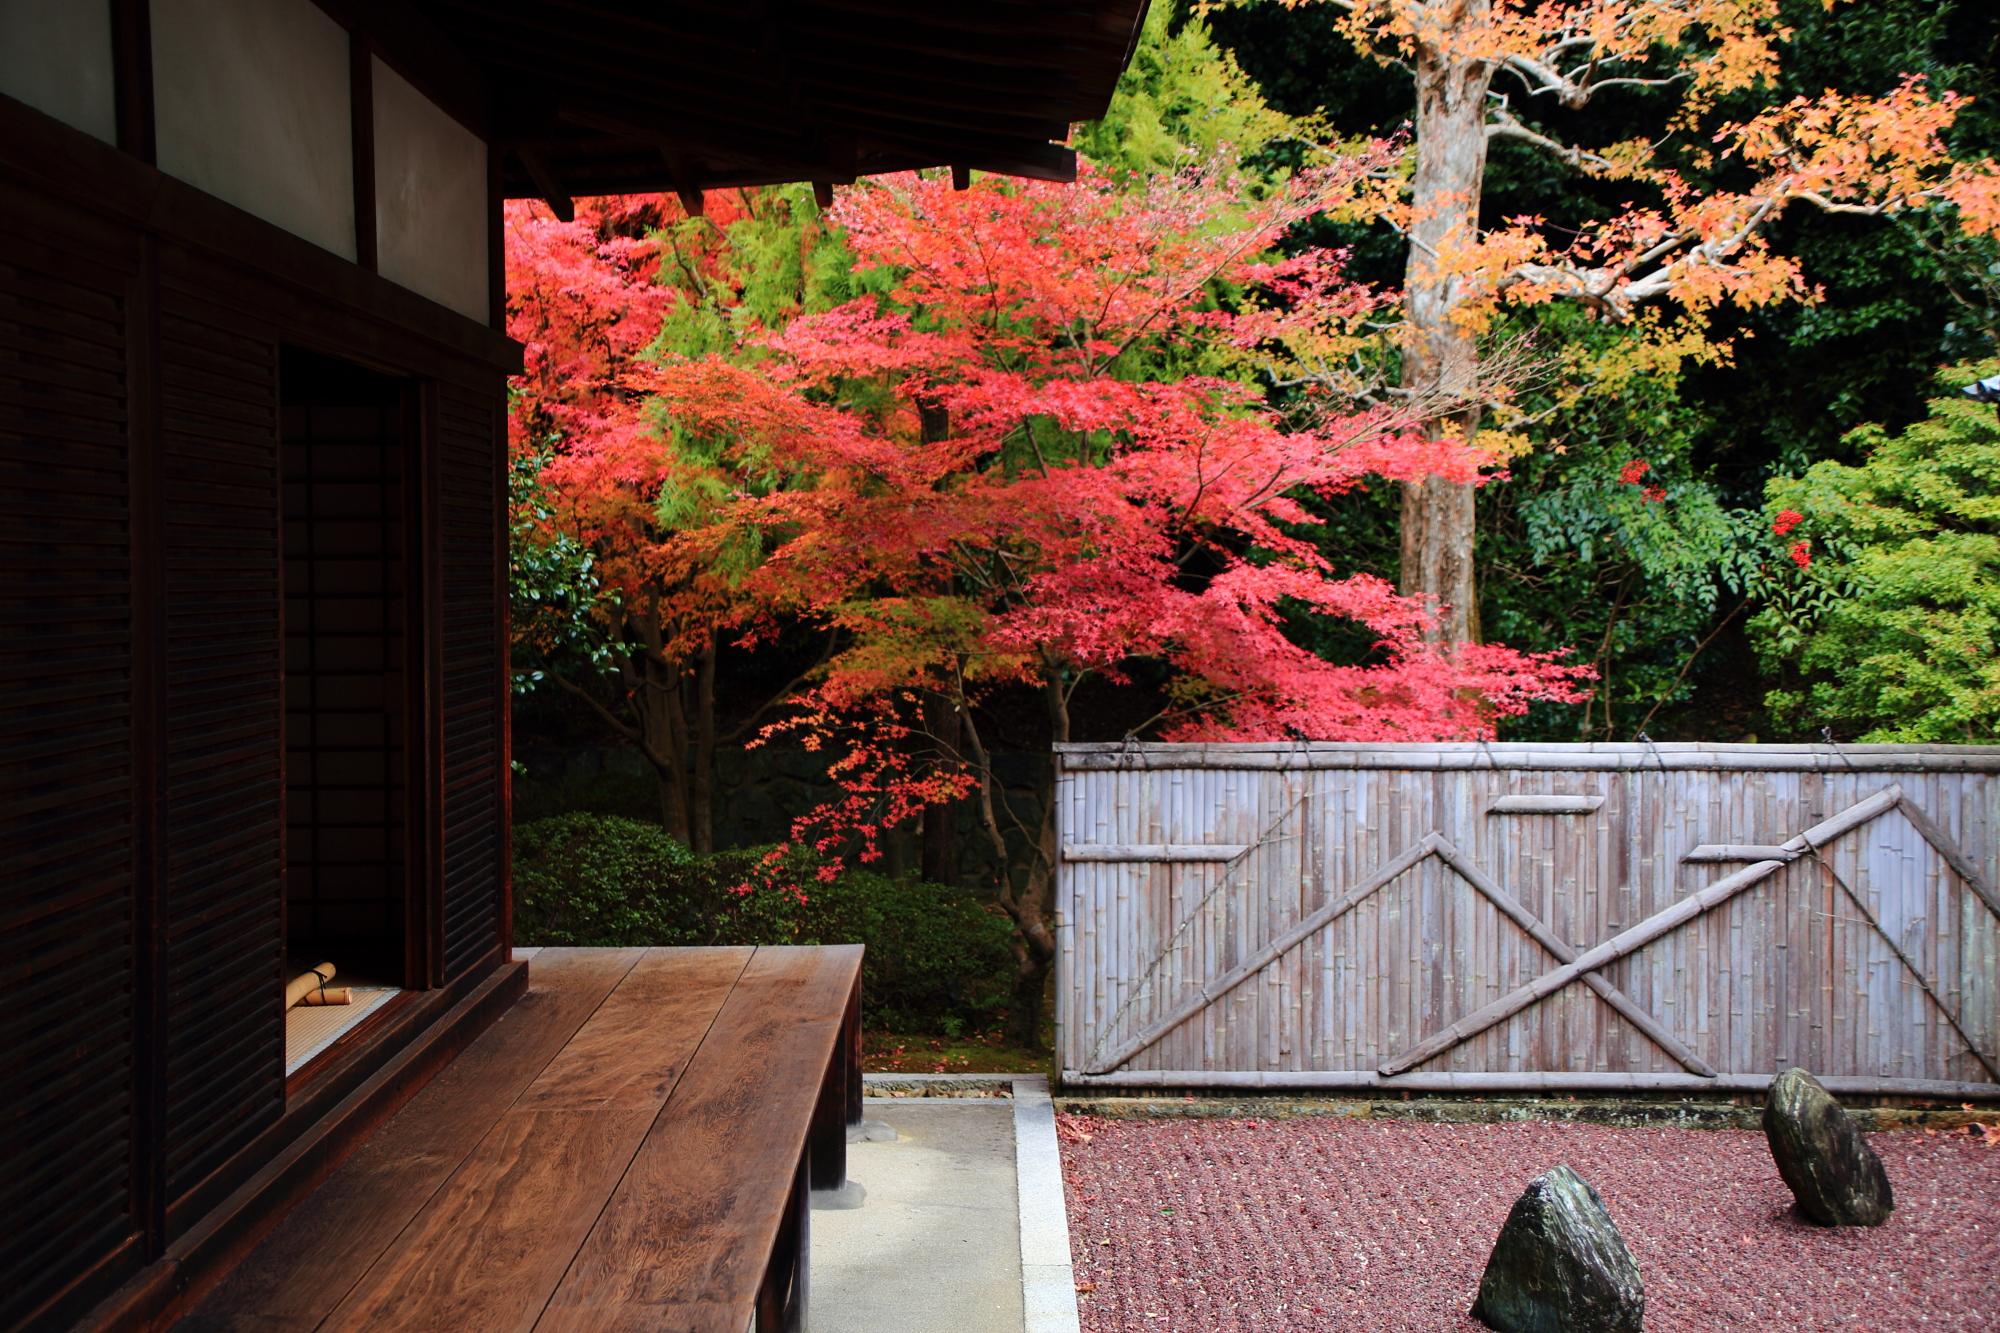 不離の庭 紅葉 見ごろ 龍吟庵 方丈東庭